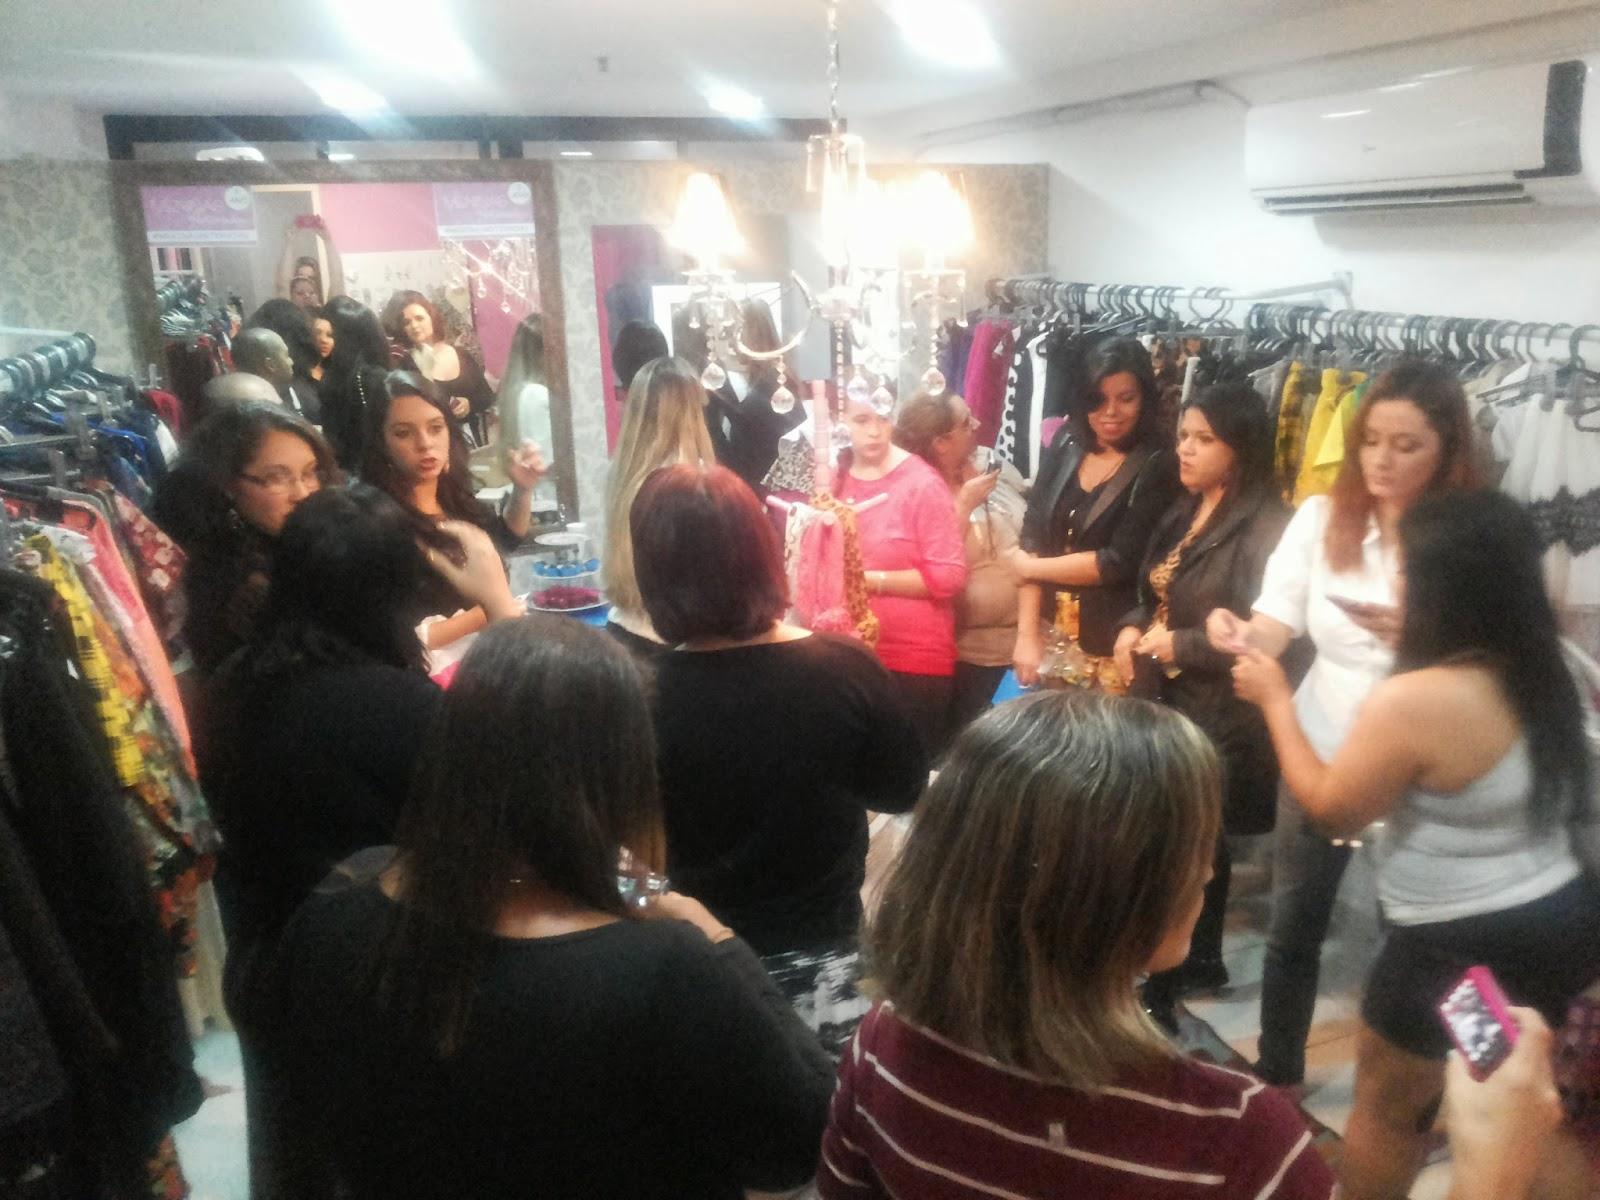 Meninas Antenadas, ateliê, blogueira s.a., fiquem antenadas